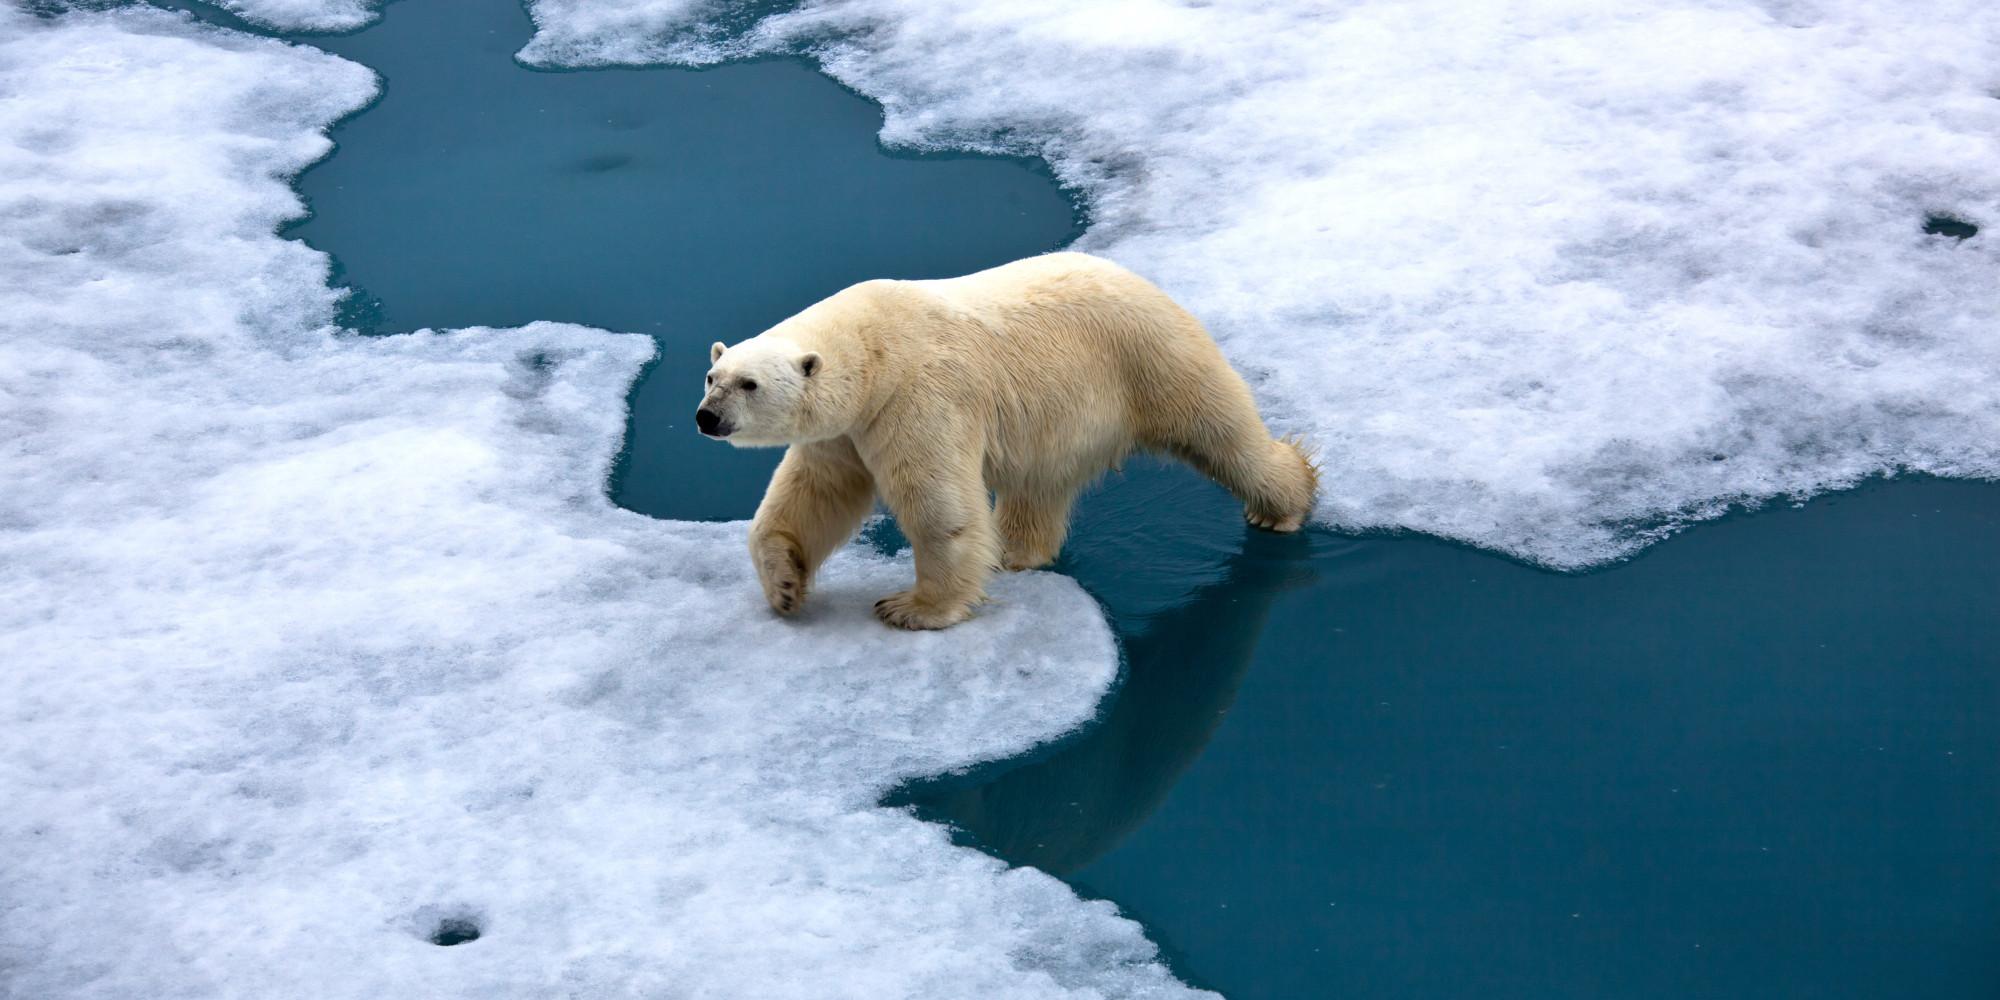 Ndryshimi i klimës, studiuesit ngrenë alarmin